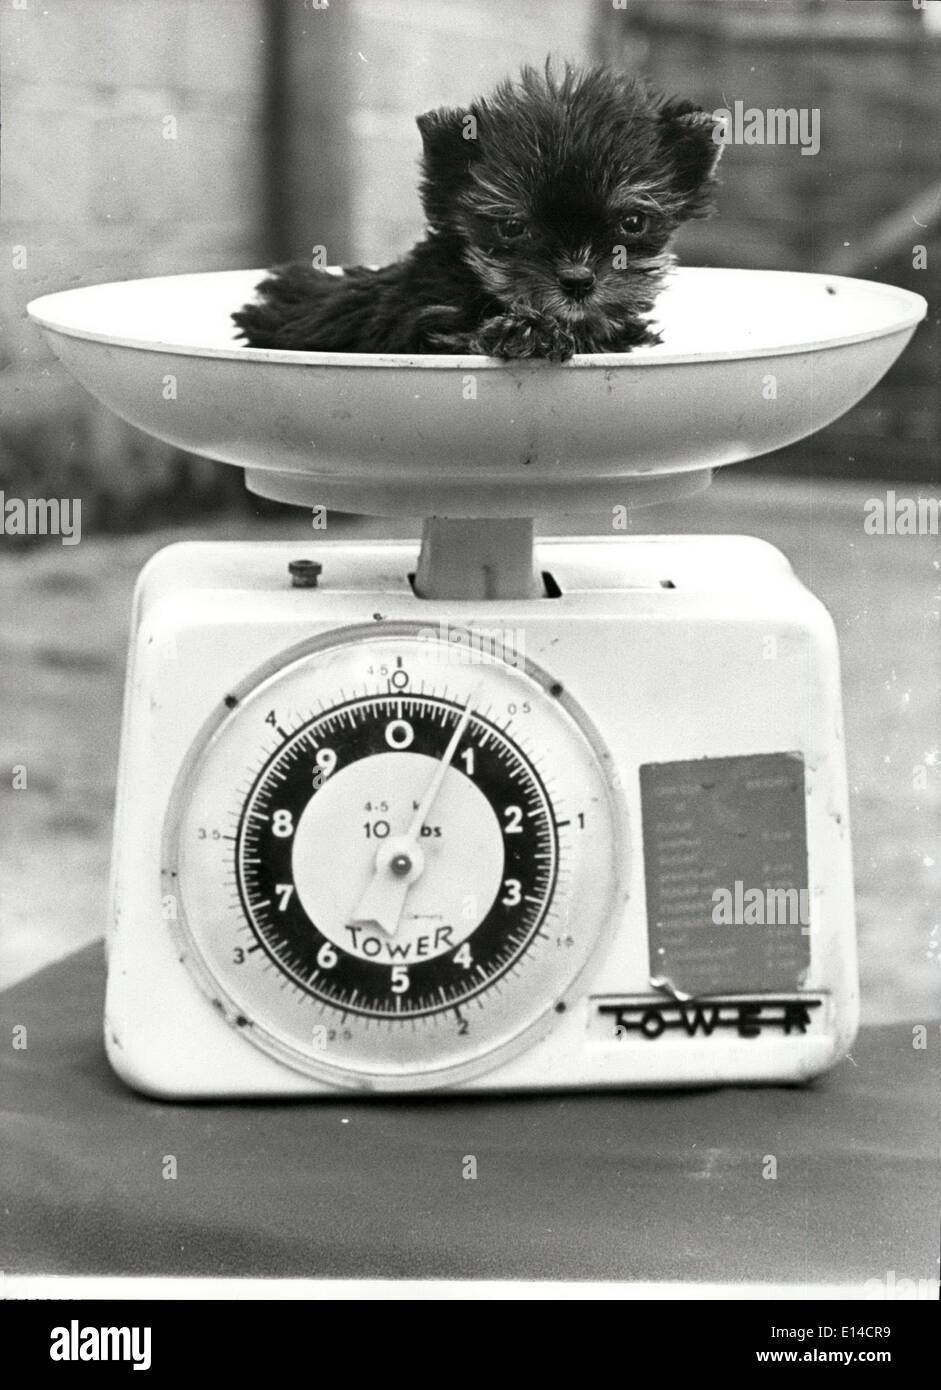 Le 17 avril 2012 - Répondre ''Titch'' Le Yorkshire Terrier qui est venu dans le monde qui ne pèse que trois quarts d'une once: ''Titch'', le Yorkshire Terrier est venu dans le monde il y a 10 semaines -d'un poids à peu près trois quarts d'une once. La chance contre le survivant pup sont énormes - mais Titch est un véritable combattant et il commença à manger et manger, et maintenant pencher la balance à 9 onces. Mais son propriétaire, éleveur de crack, Gladys De Silva, de Newton Abbot, a dit que Titch n'obtiendrez pas beaucoup plus grand il est possible qu'elle pourrait obtenir jusqu'à la livre parce que ses fonctionnalités sont à petit à croître beaucoup plus Photo Stock